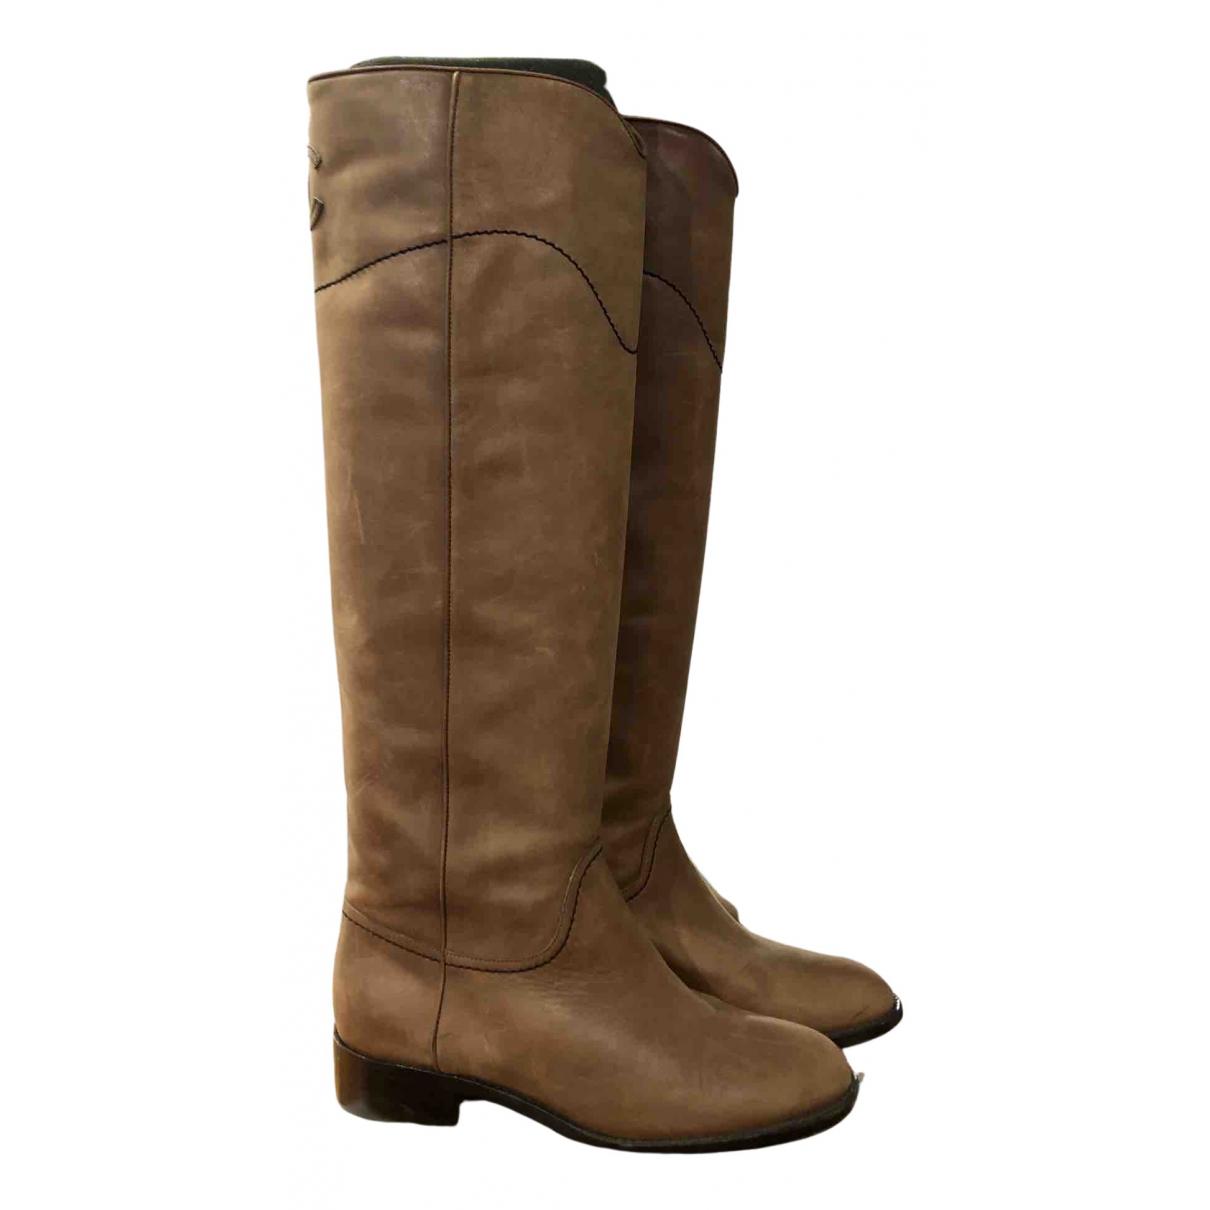 Chanel - Bottes   pour femme en cuir - marron